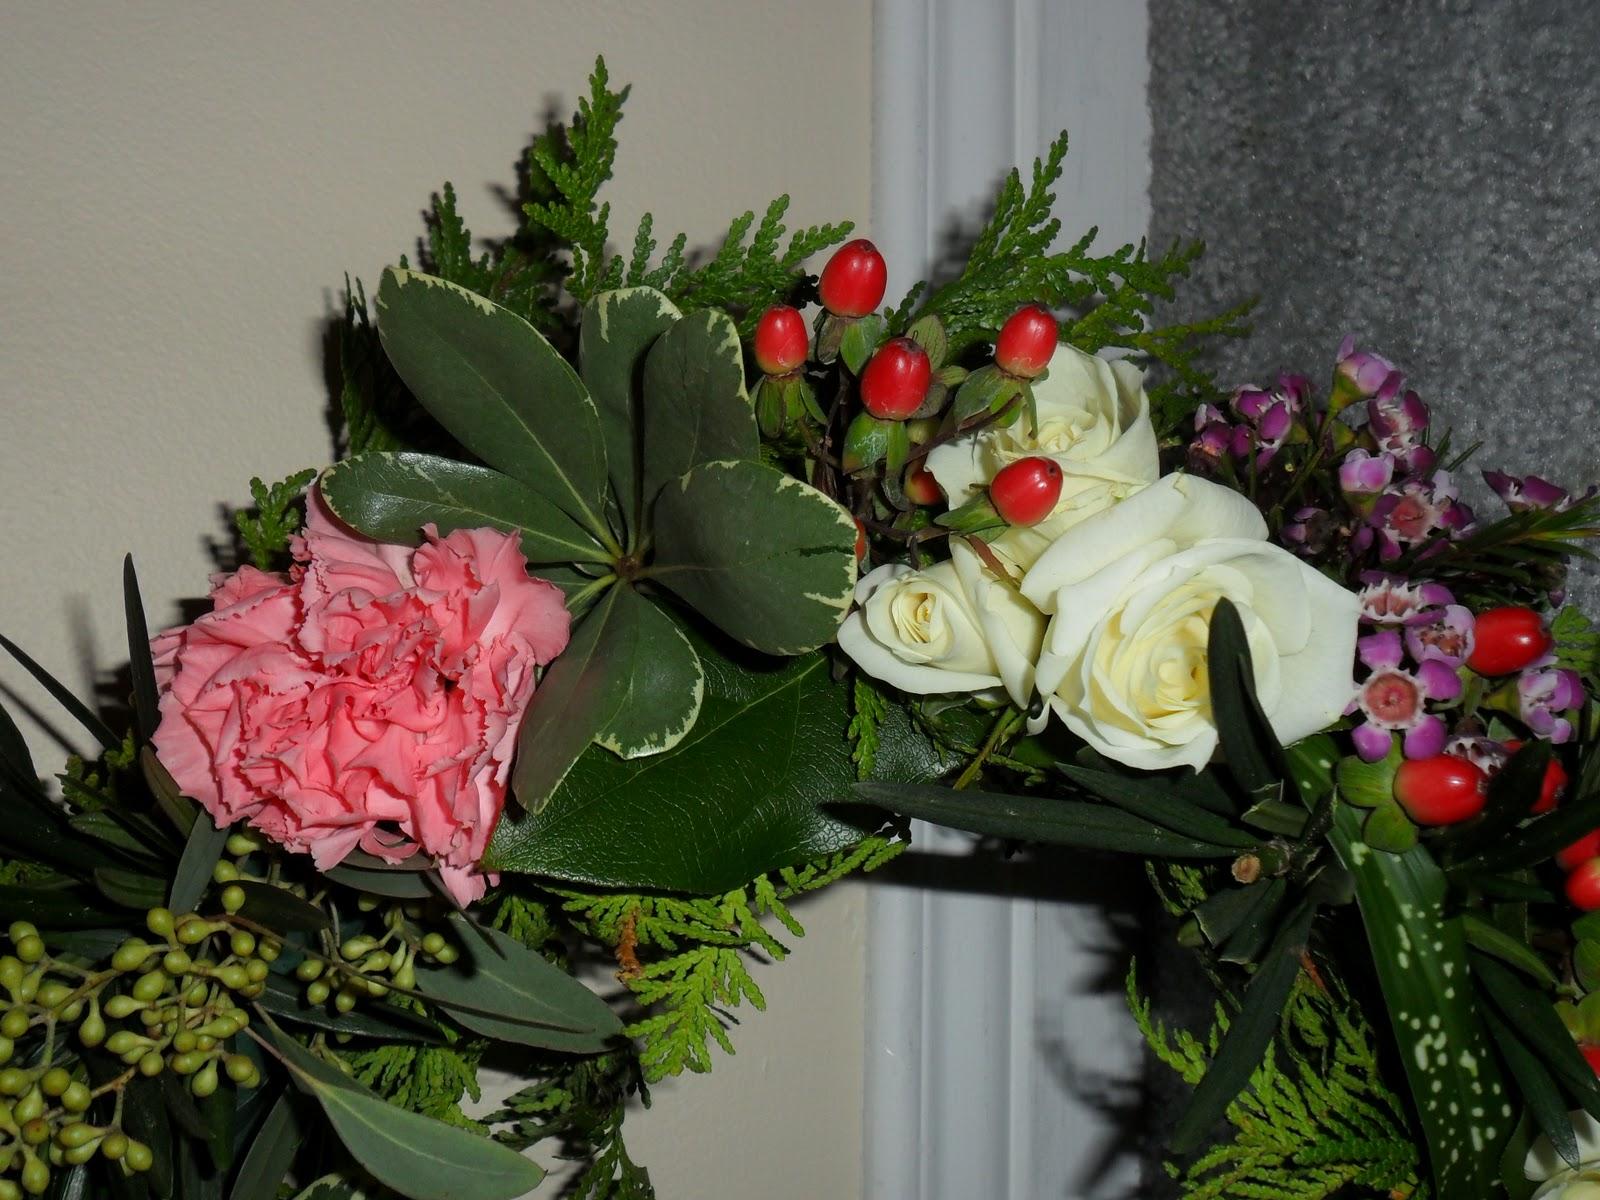 Purple flower arrangements for funeral 29 background purple flower arrangements for funeral free wallpaper izmirmasajfo Gallery